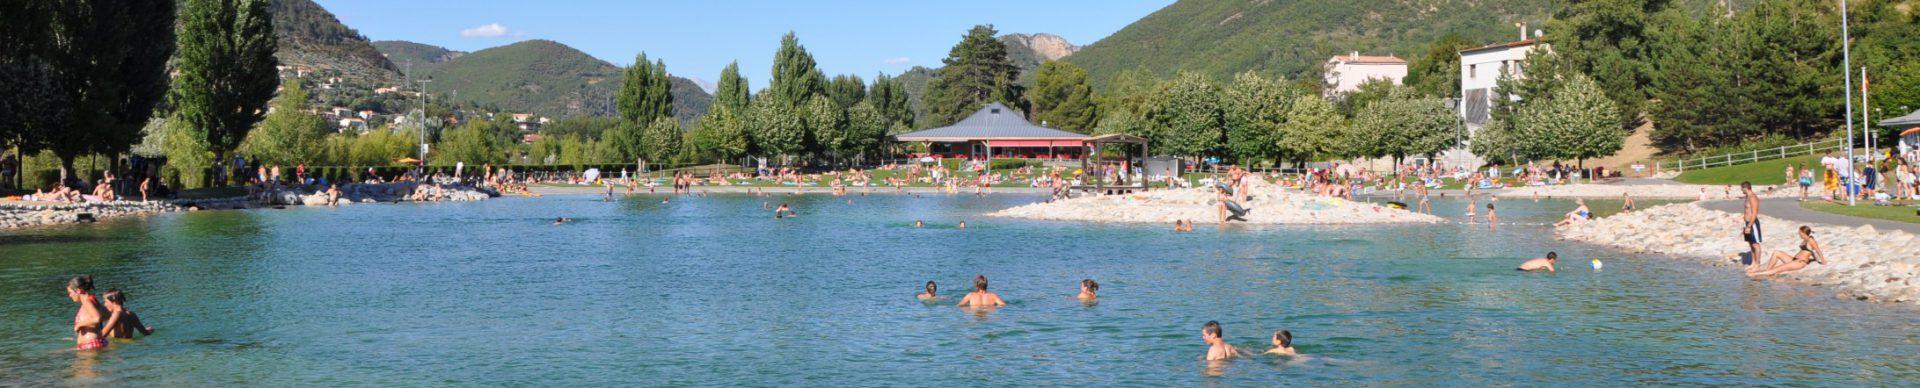 Specchi d'acqua Digne-les-Bains